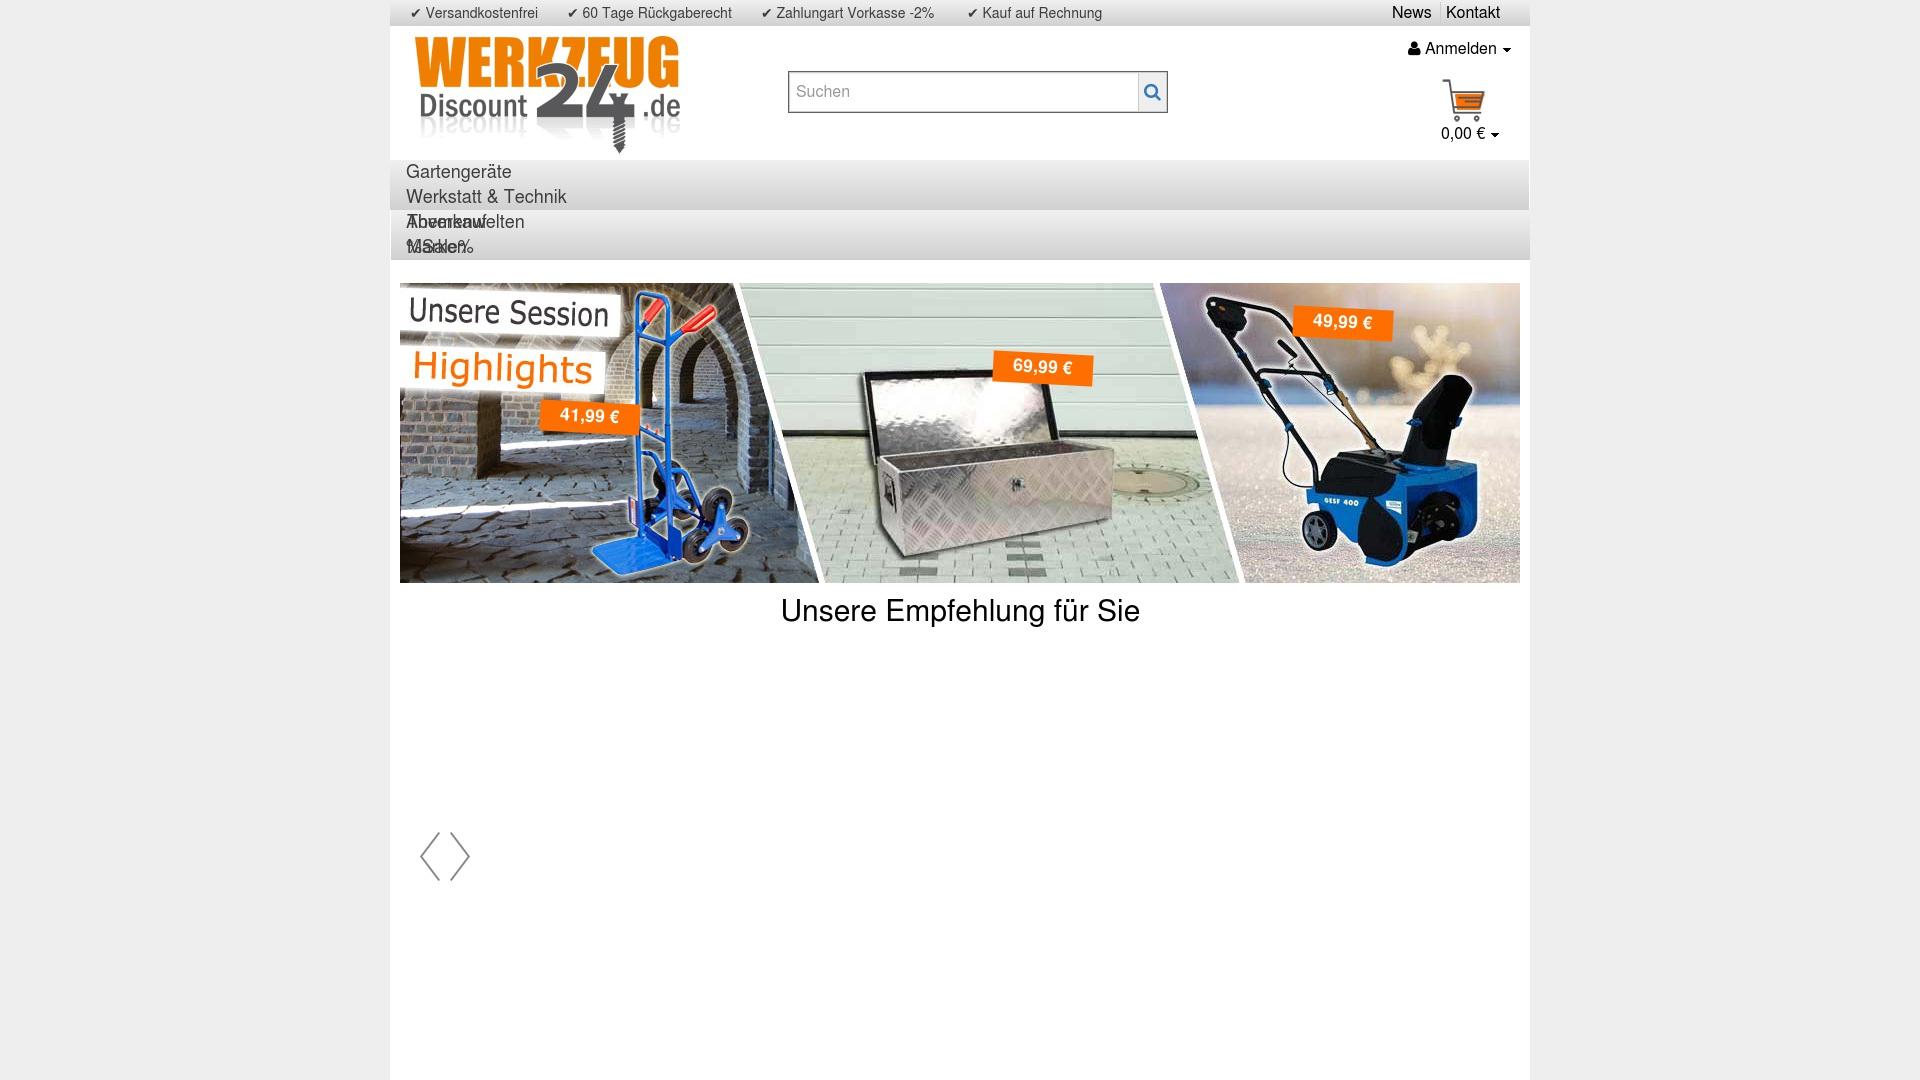 Gutschein für Werkzeugdiscount24: Rabatte für  Werkzeugdiscount24 sichern